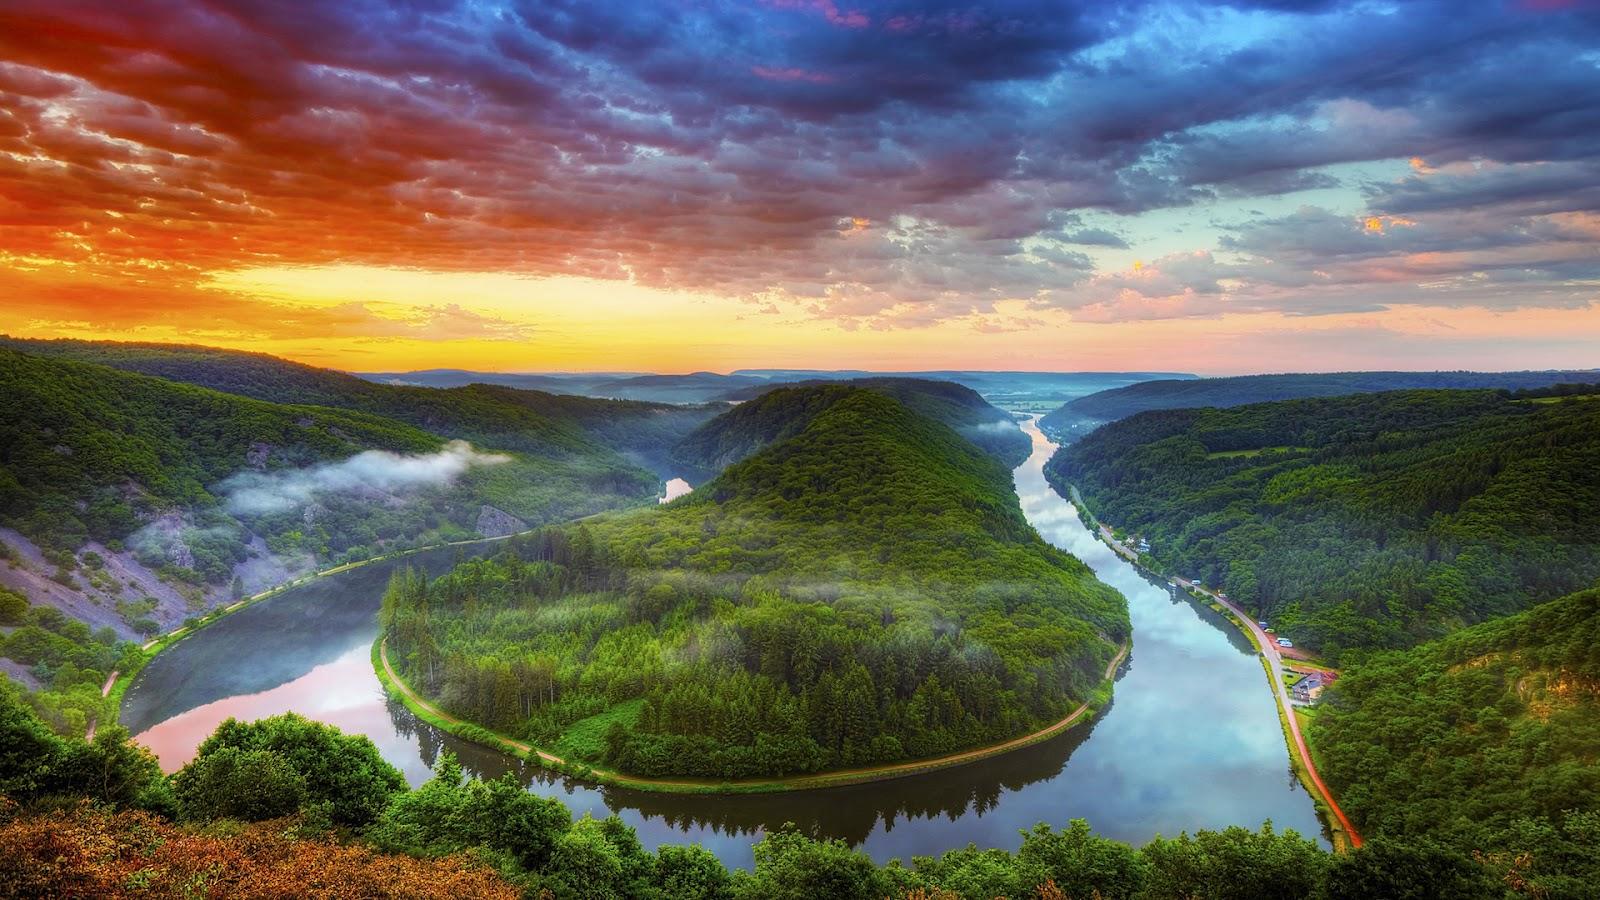 Sfondo hd paesaggio naturale fiume sfondi hd gratis for Sfondi desktop hd paesaggi